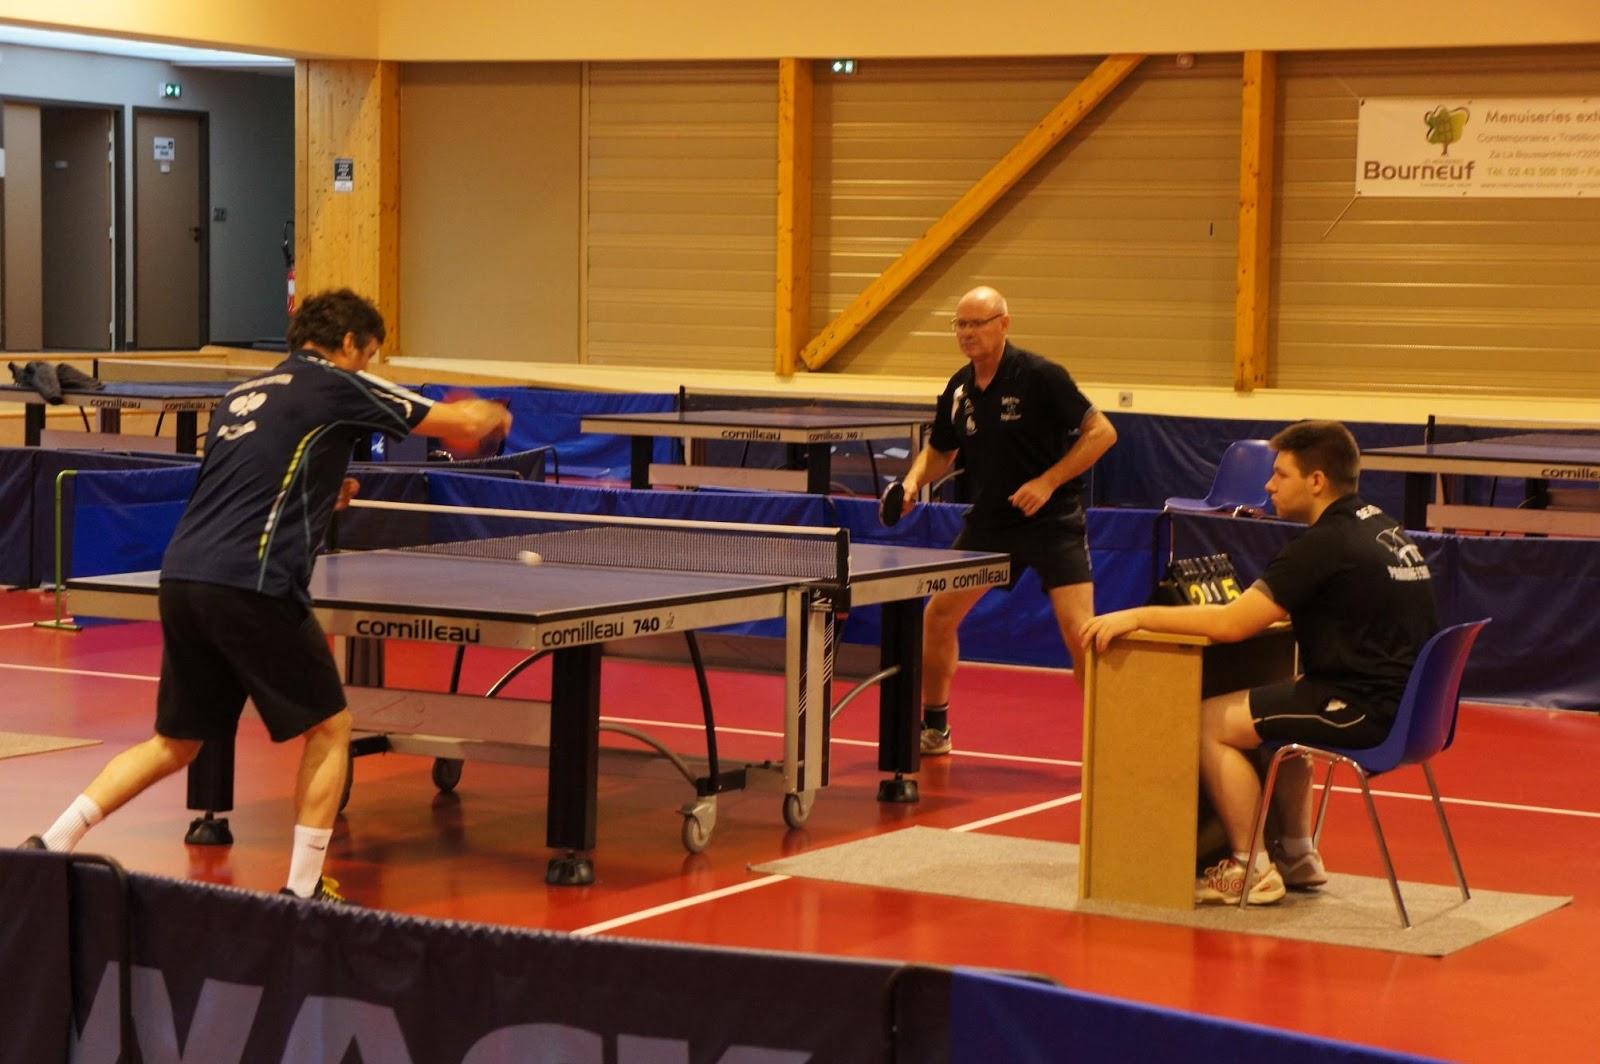 Menuiserie Bourneuf Parigne L Eveque tennis de table club de parigné l'evêque - sarthe: septembre